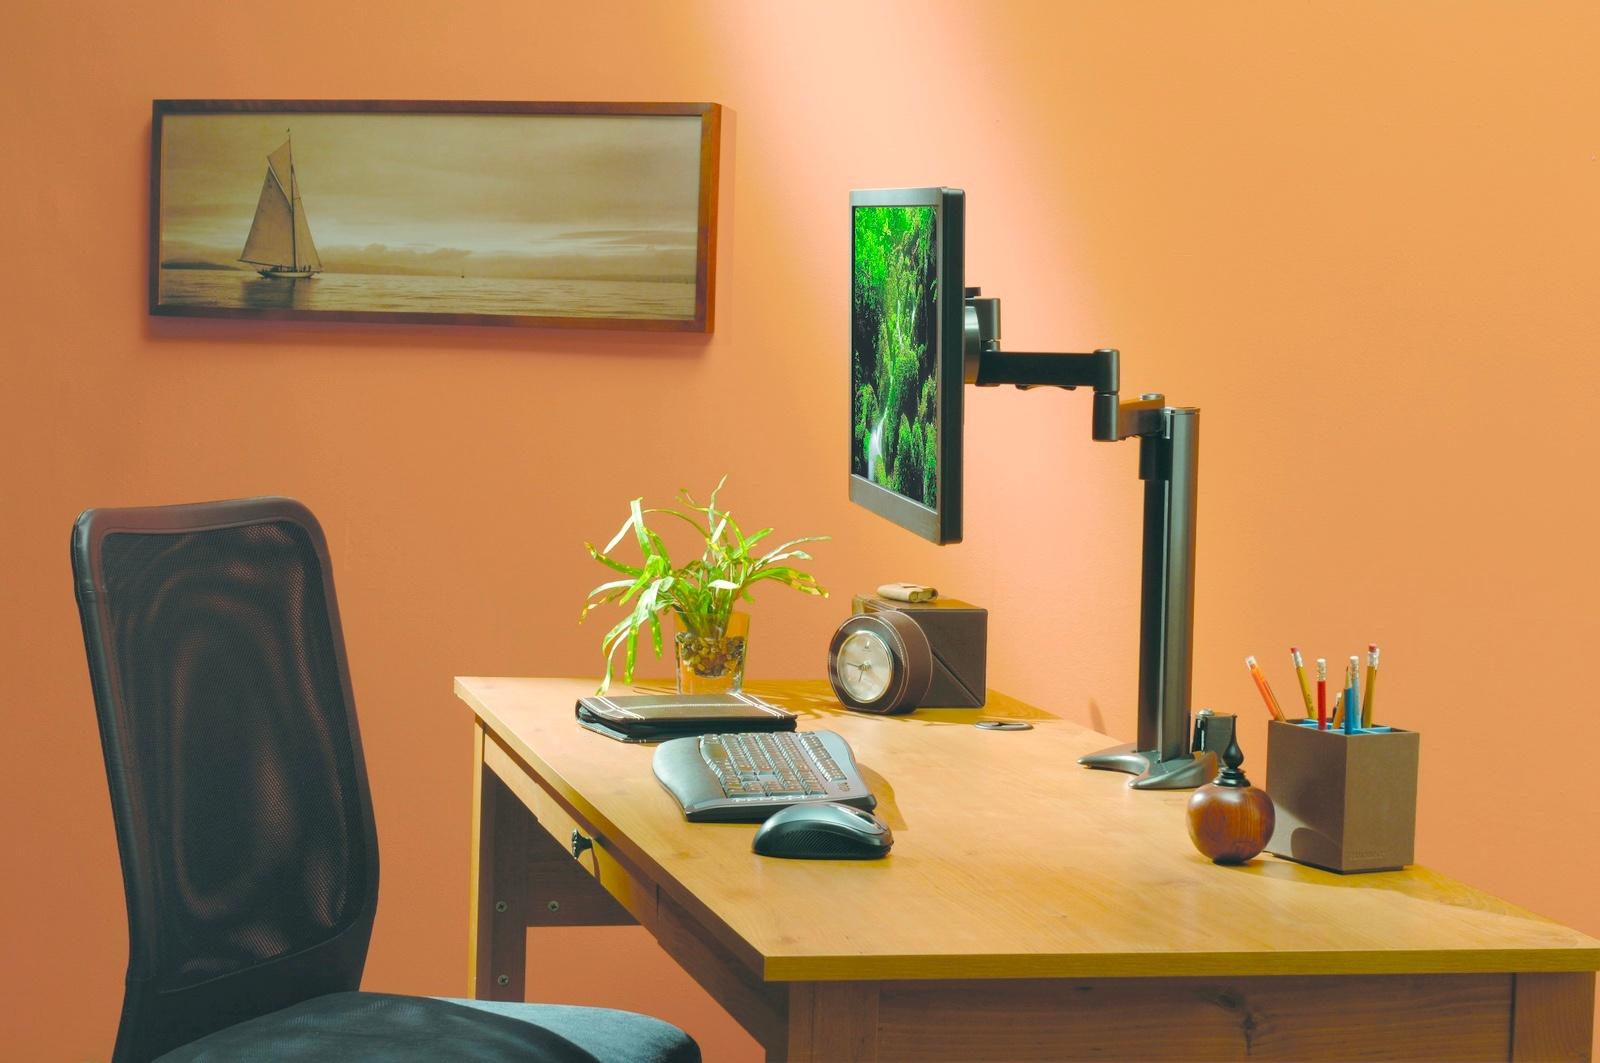 Nên bài trí một chút cây xanh cạnh máy tính, không treo tranh sơn thủy